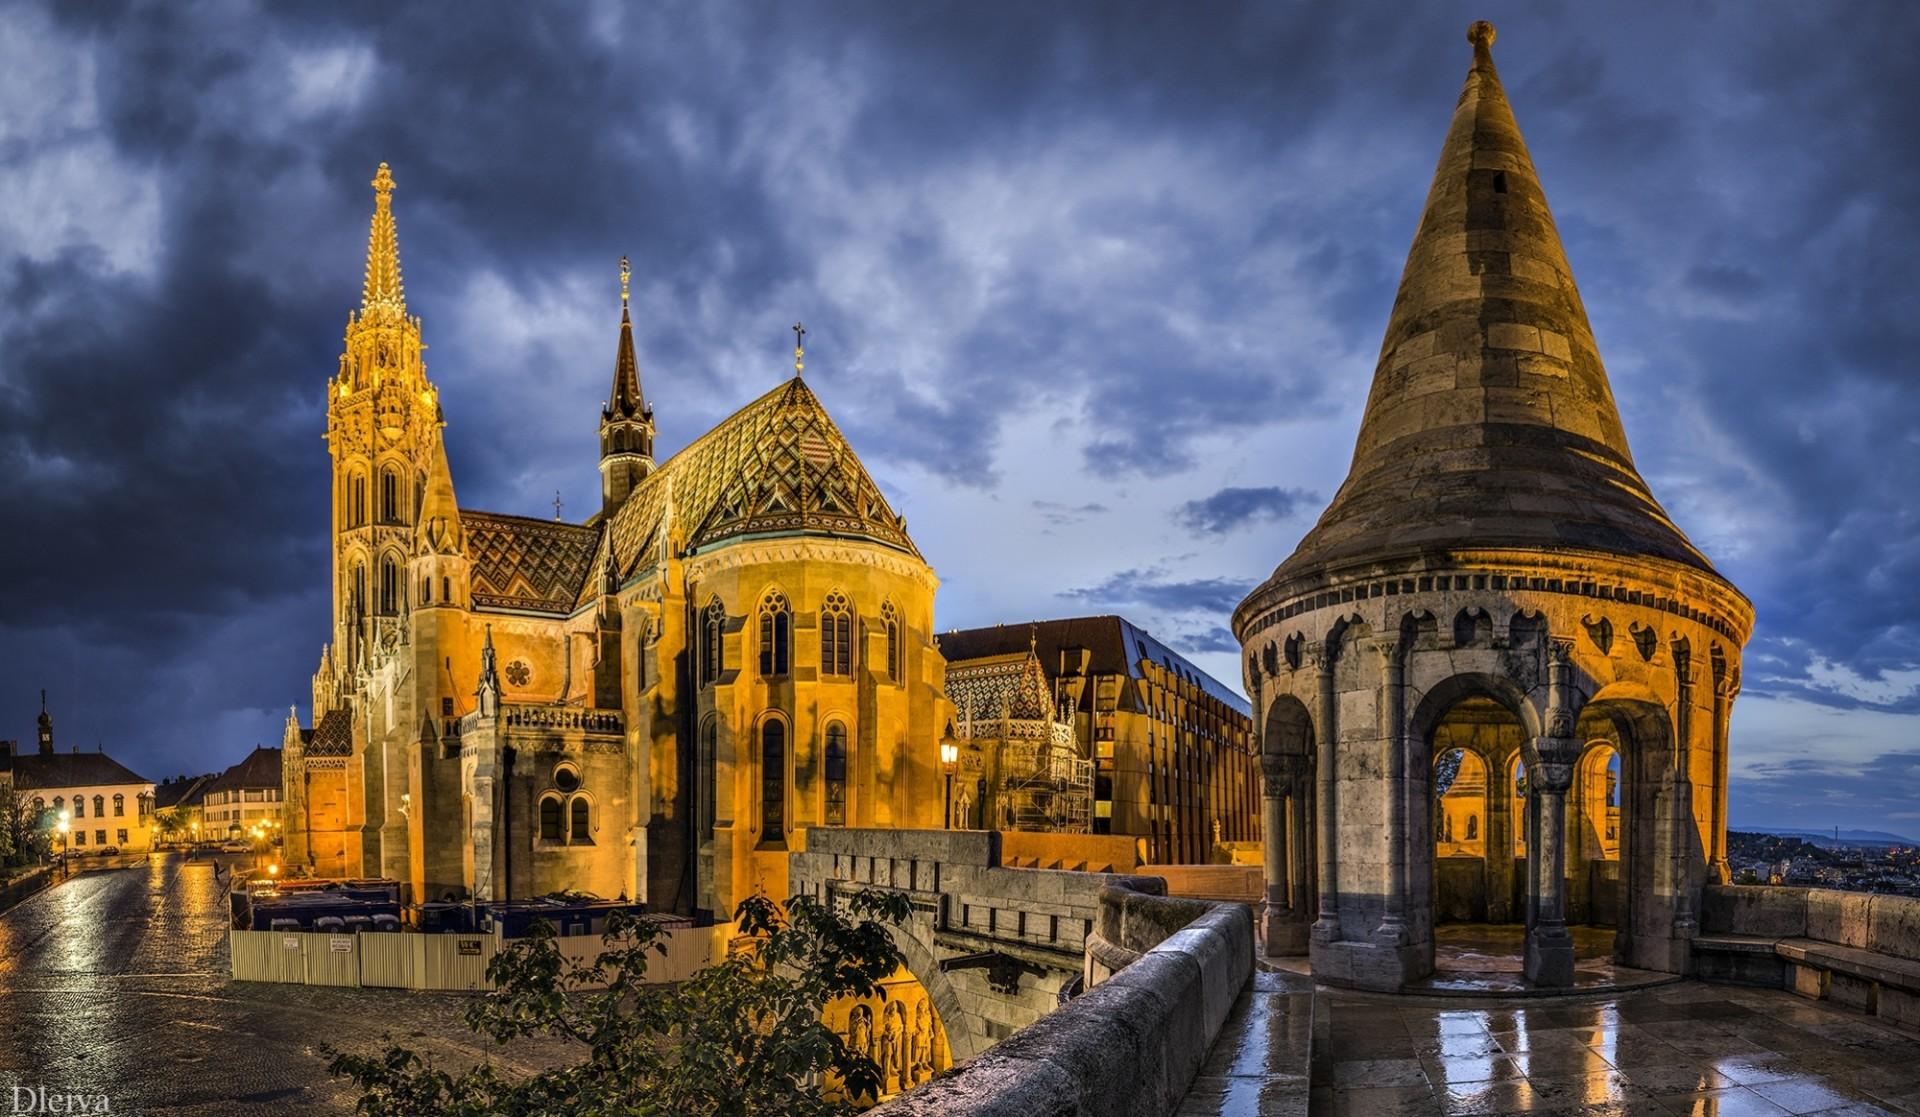 Обои будапешт, церковь святого матьяша. Города foto 6